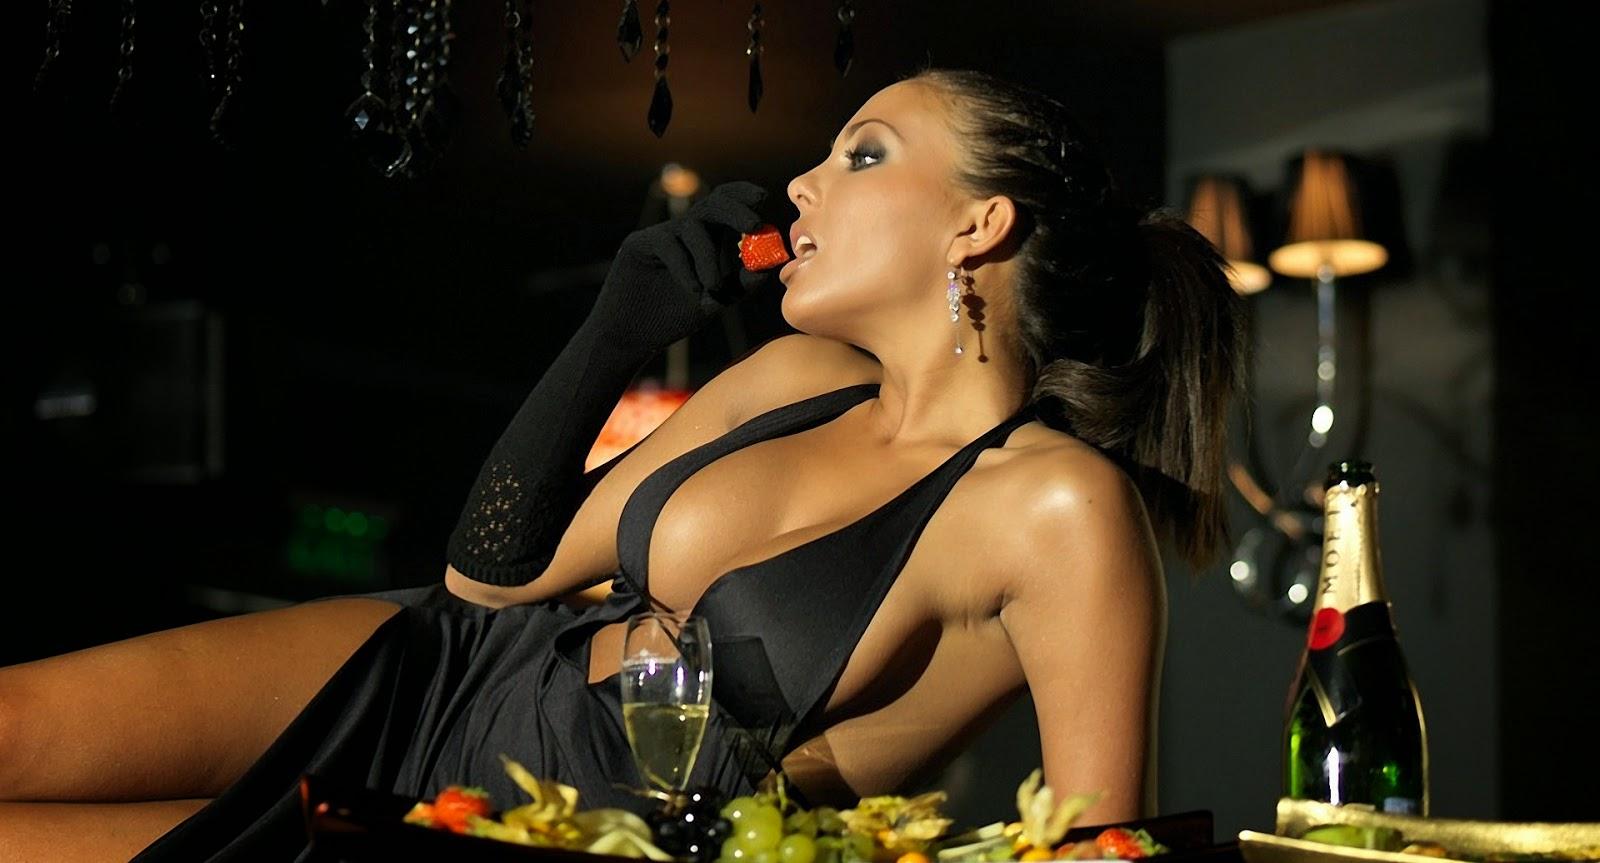 Сексуальные фантазии в переписке 23 фотография